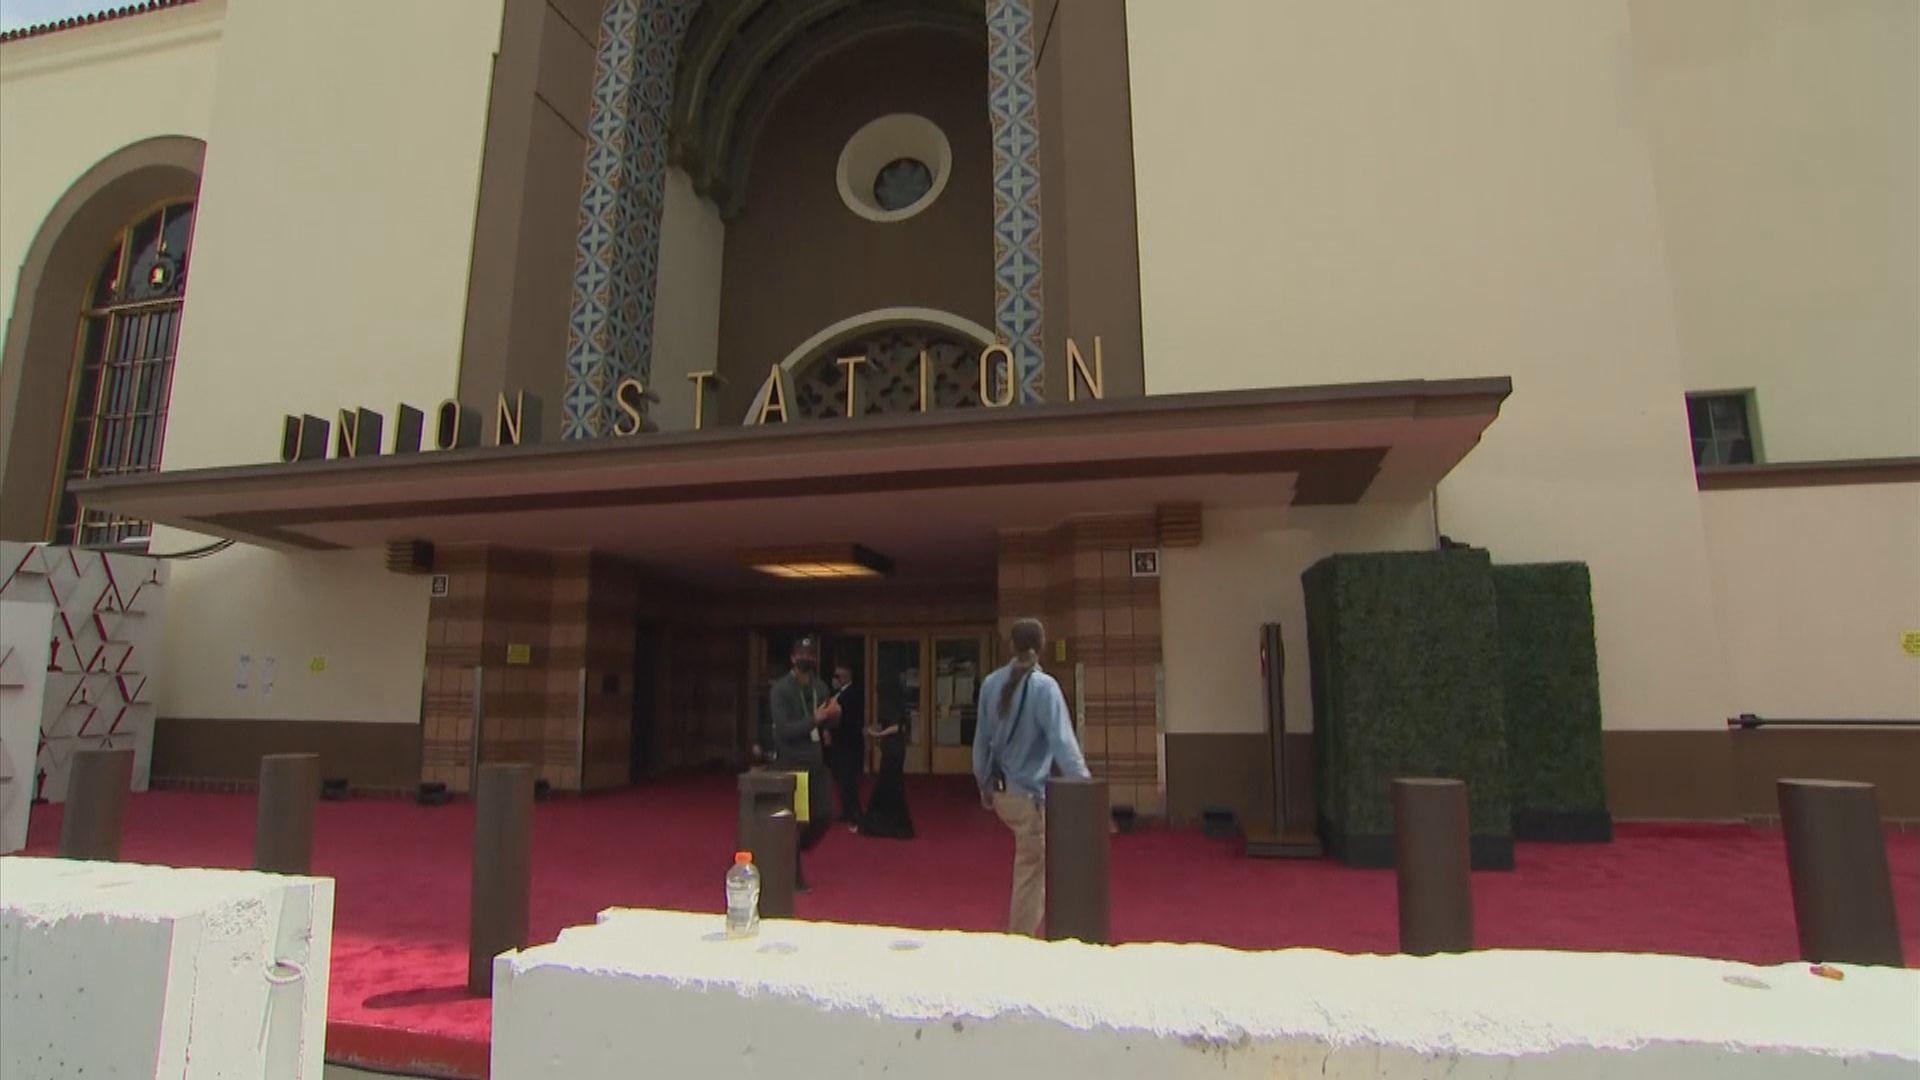 奧斯卡移師聯合車站舉行 出席人數大減